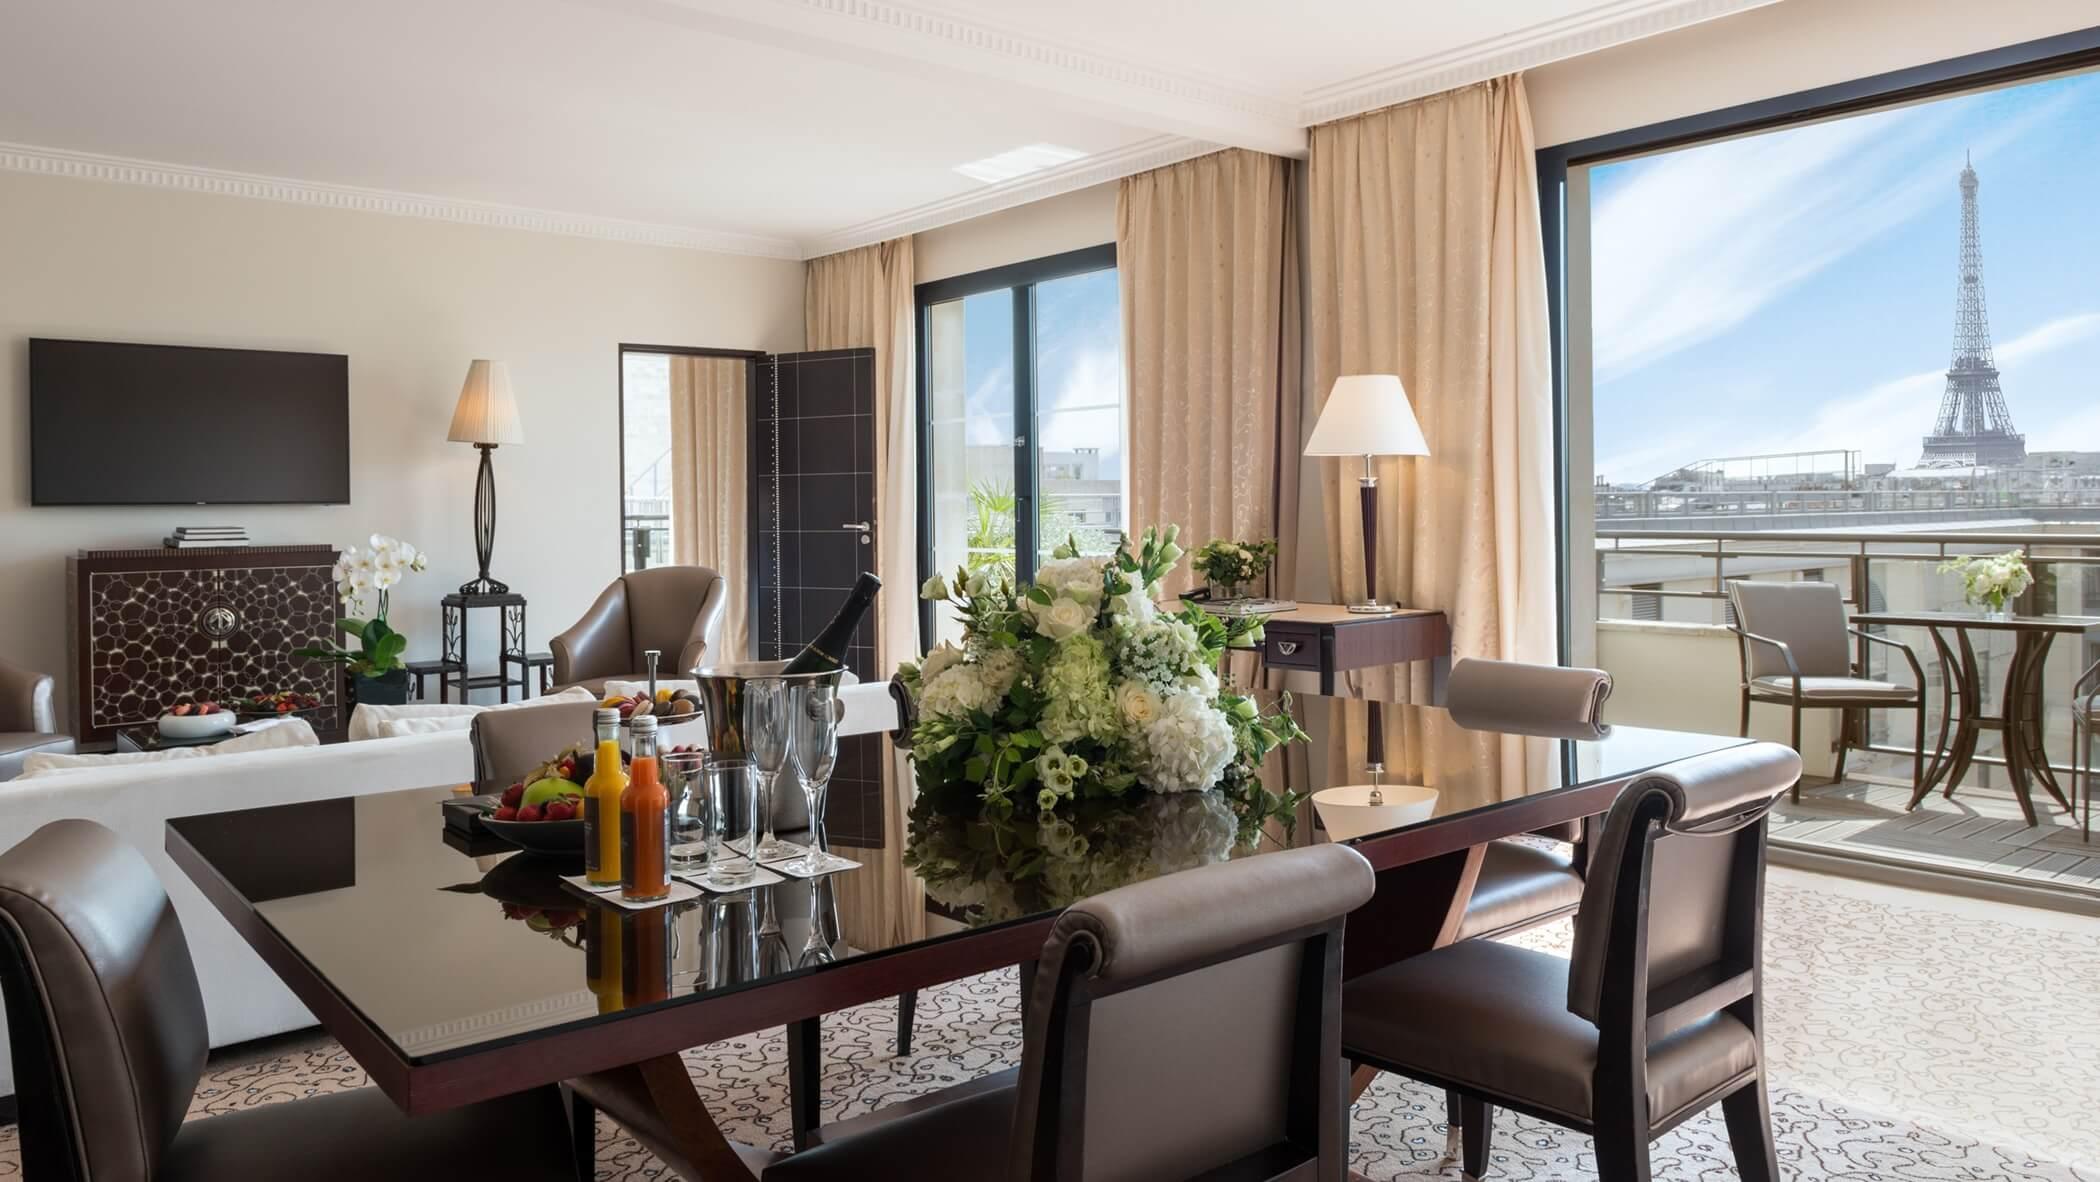 Hotel Le Collectionneur interieur